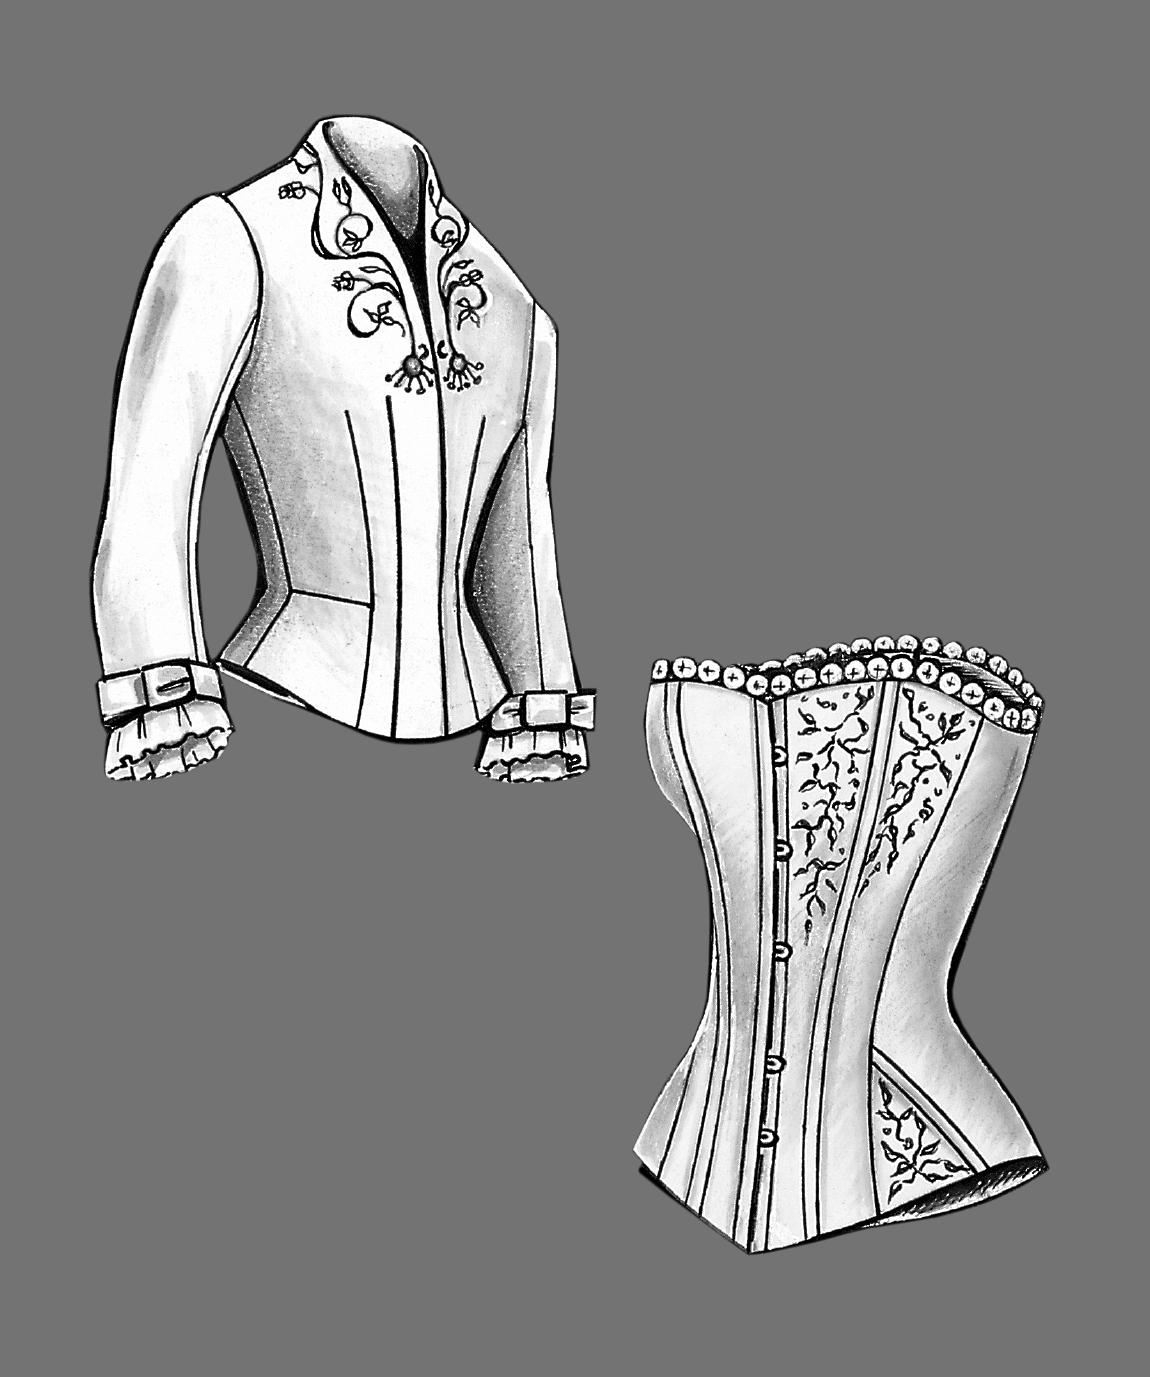 Korsett und Kleid aus der Gründerzeit